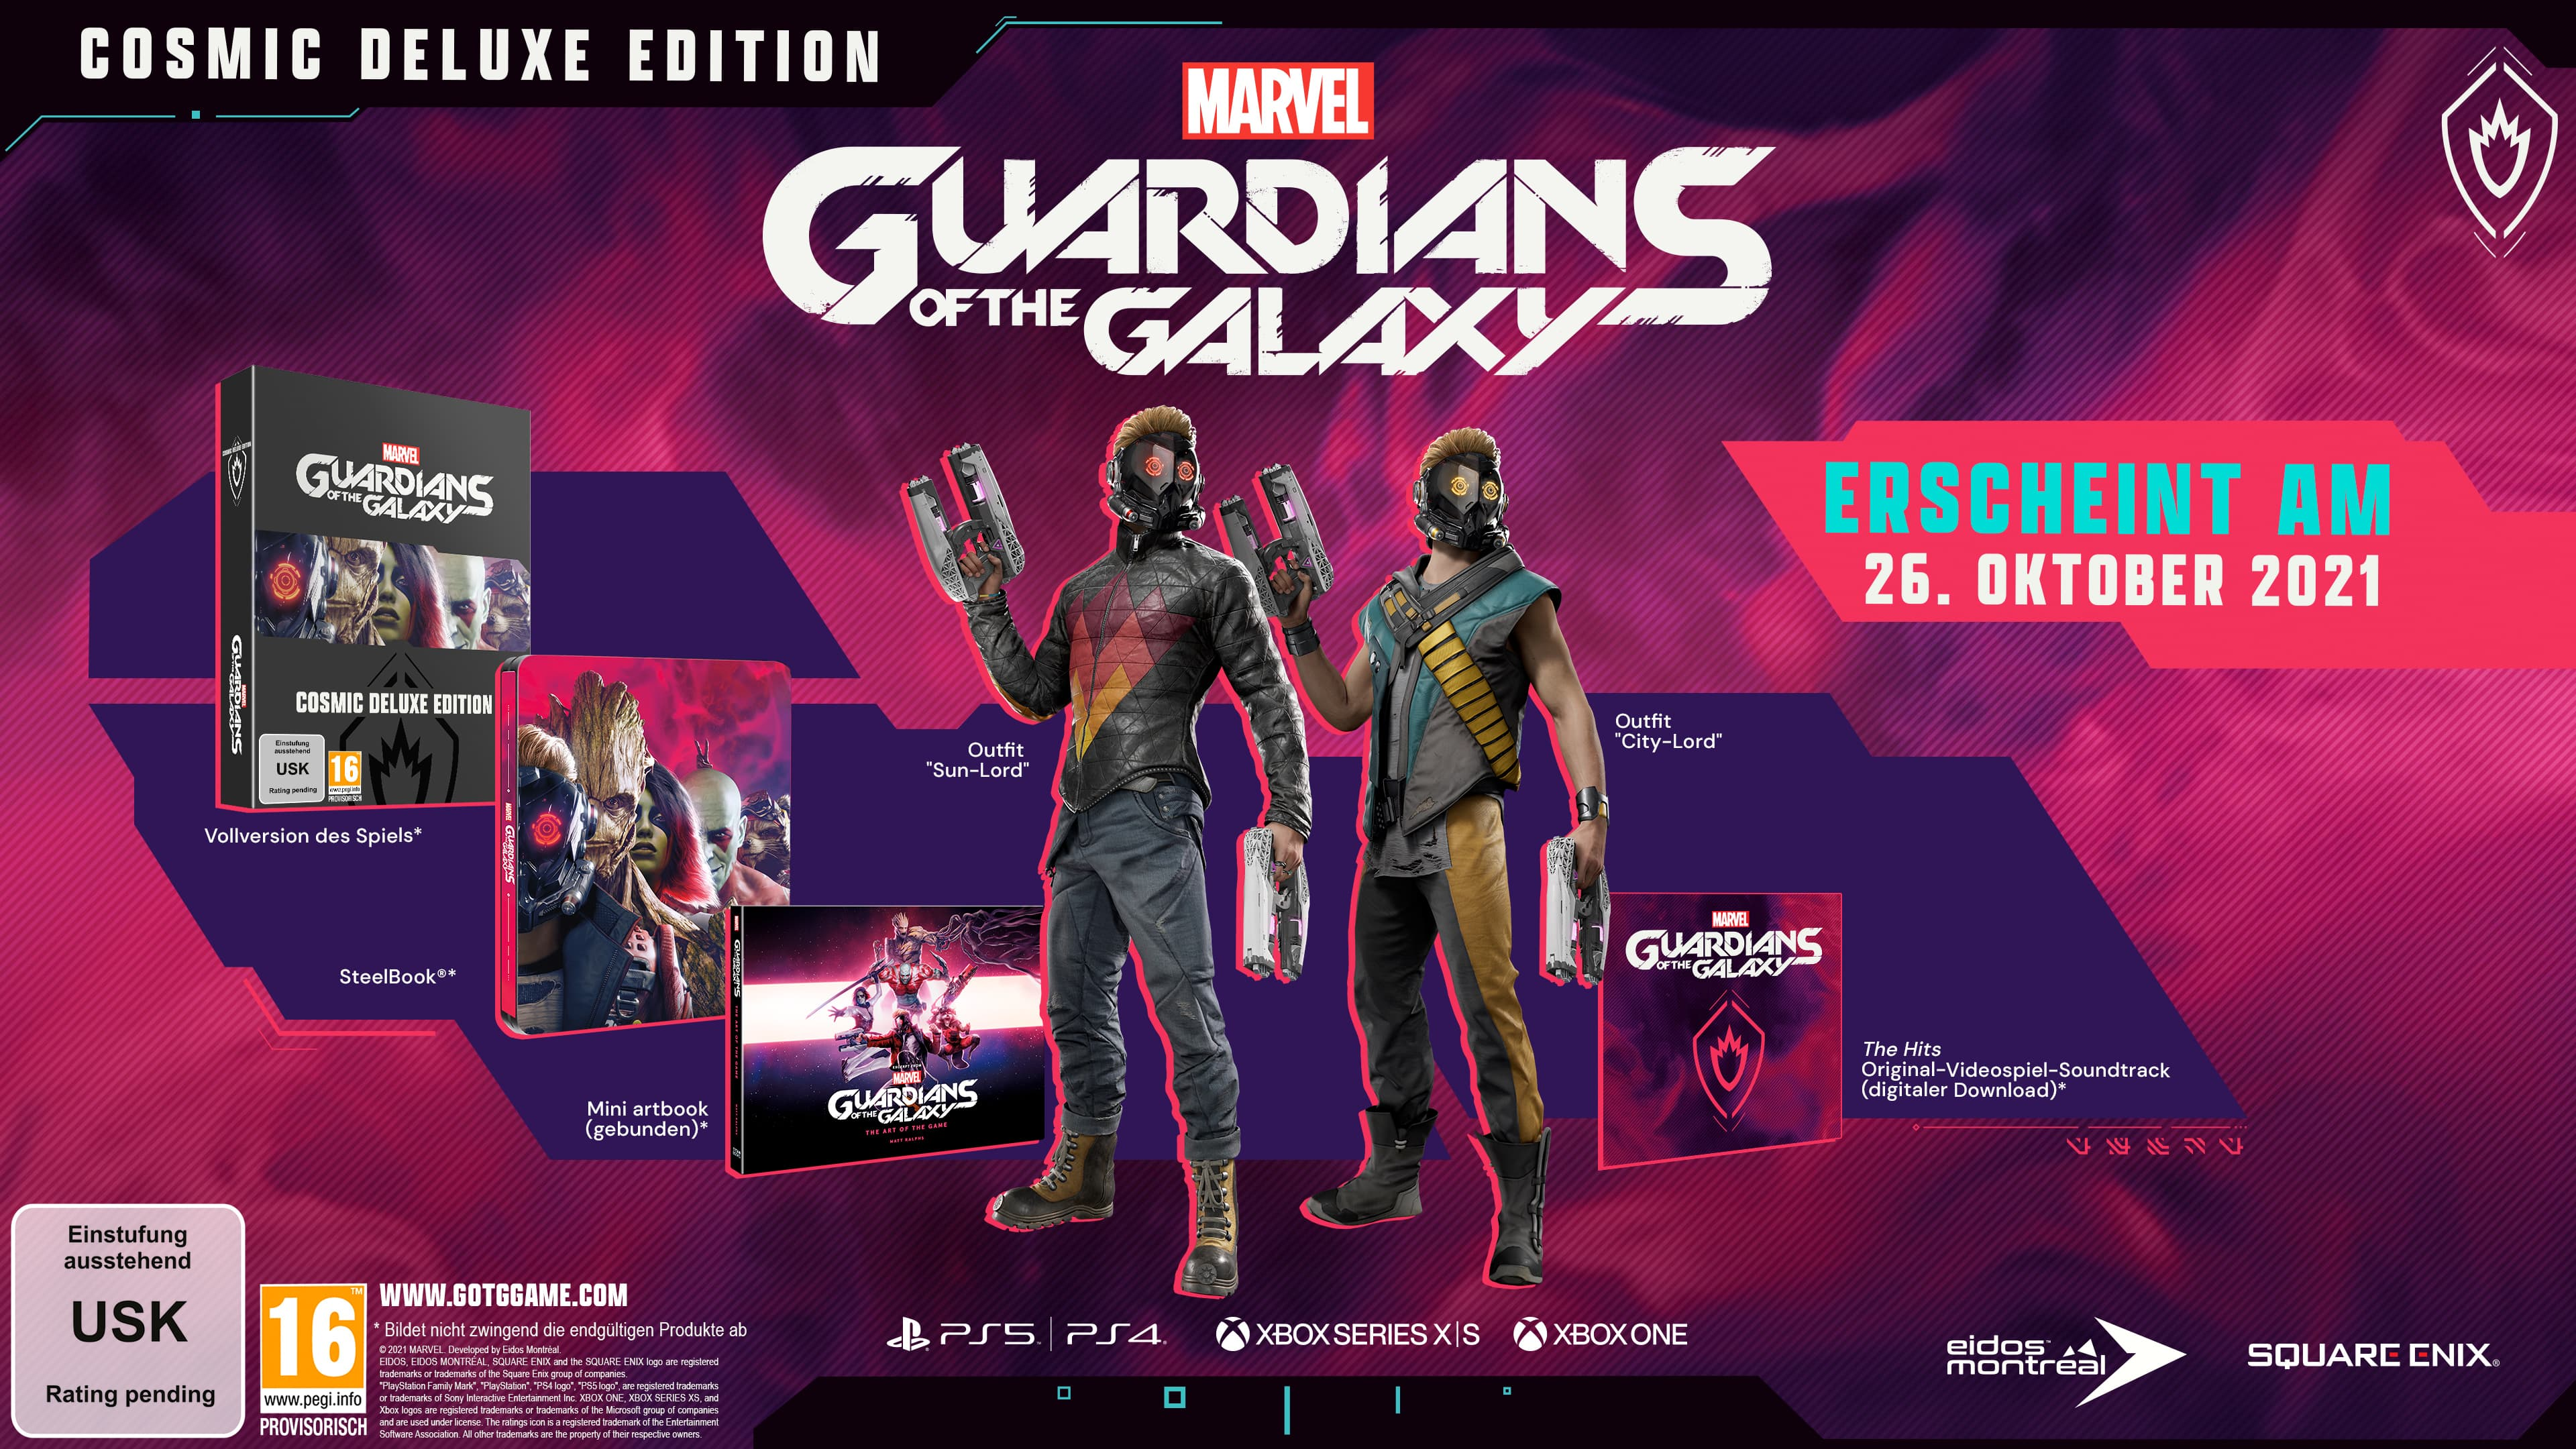 Inhalt der Cosmic Deluxe Edition von Marvel's Guardians of the Galaxy